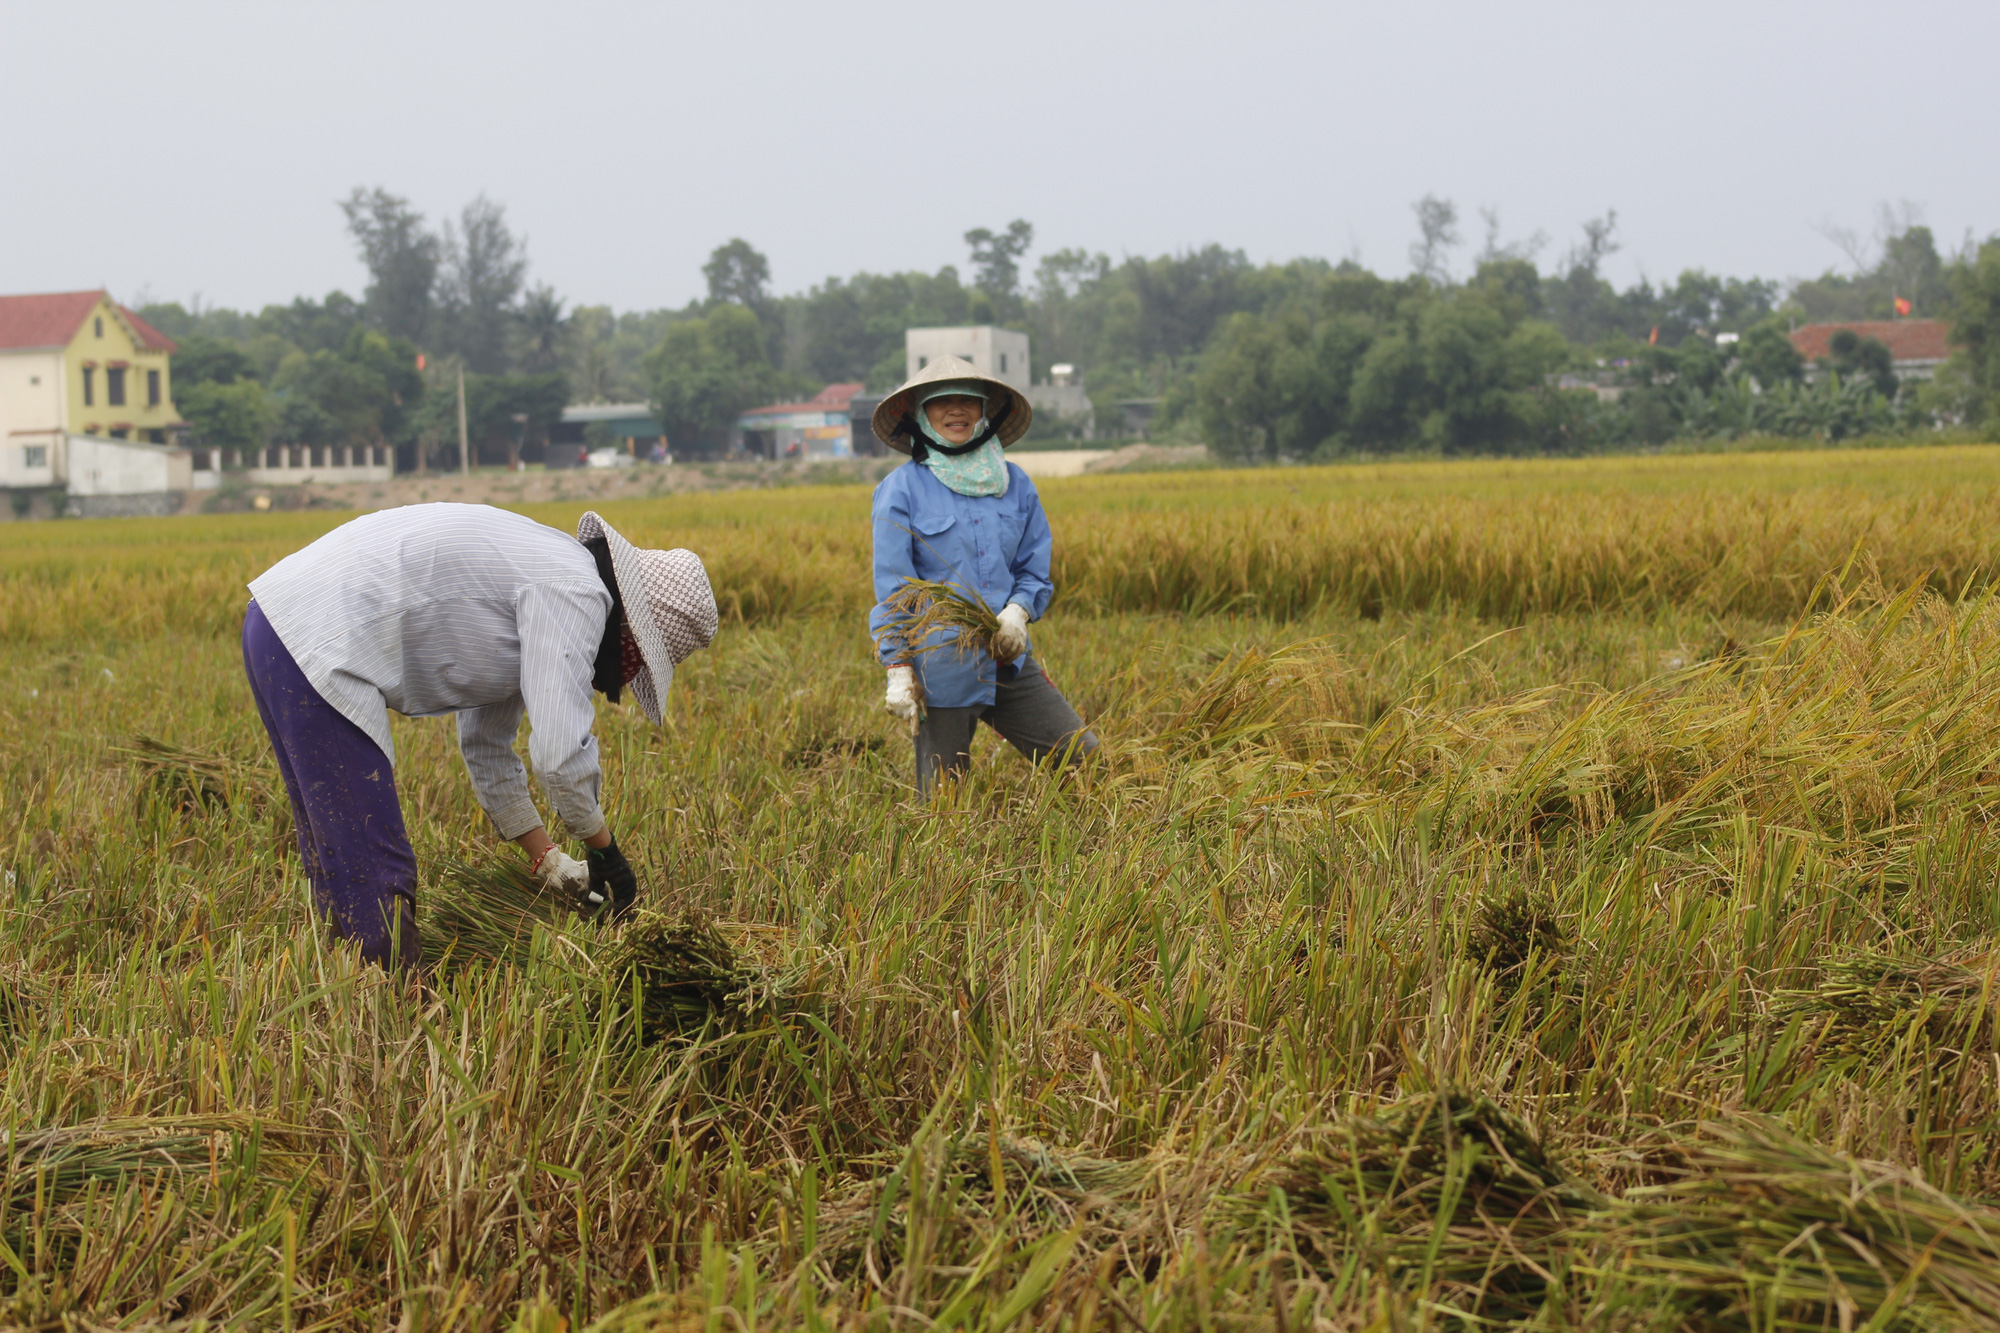 Quảng Bình: Nông dân vật vã gặt lúa dưới cái nắng  40 độ C  - Ảnh 4.